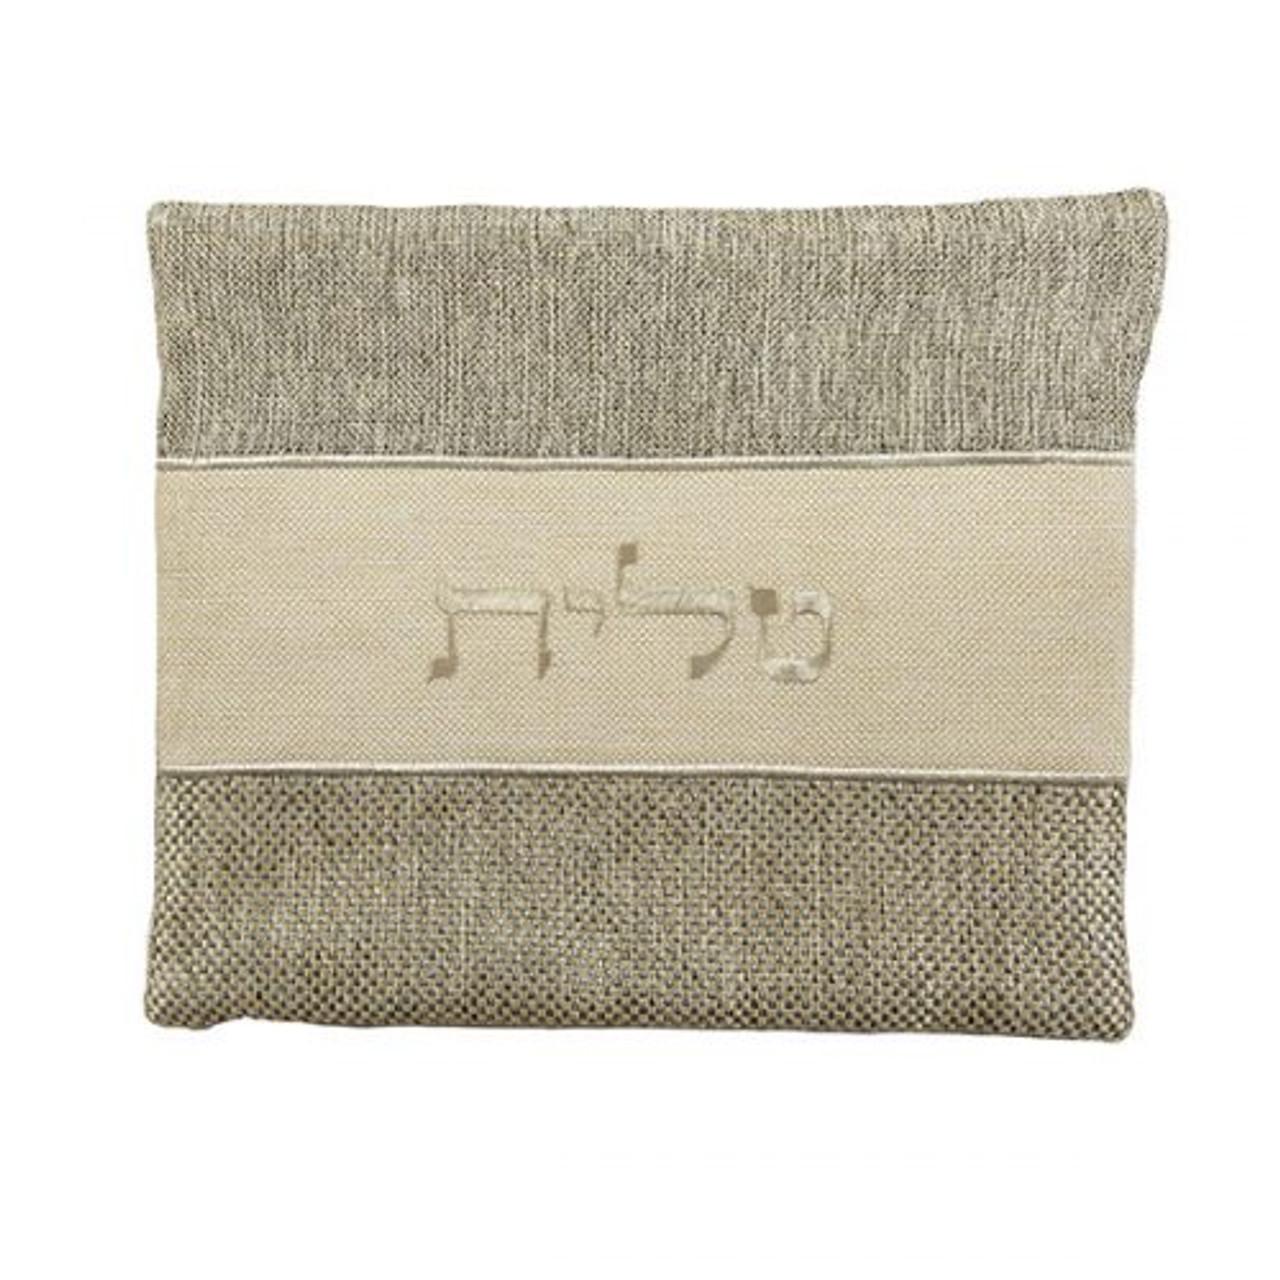 Mottled Gray and Beige Linen Tallit Bag